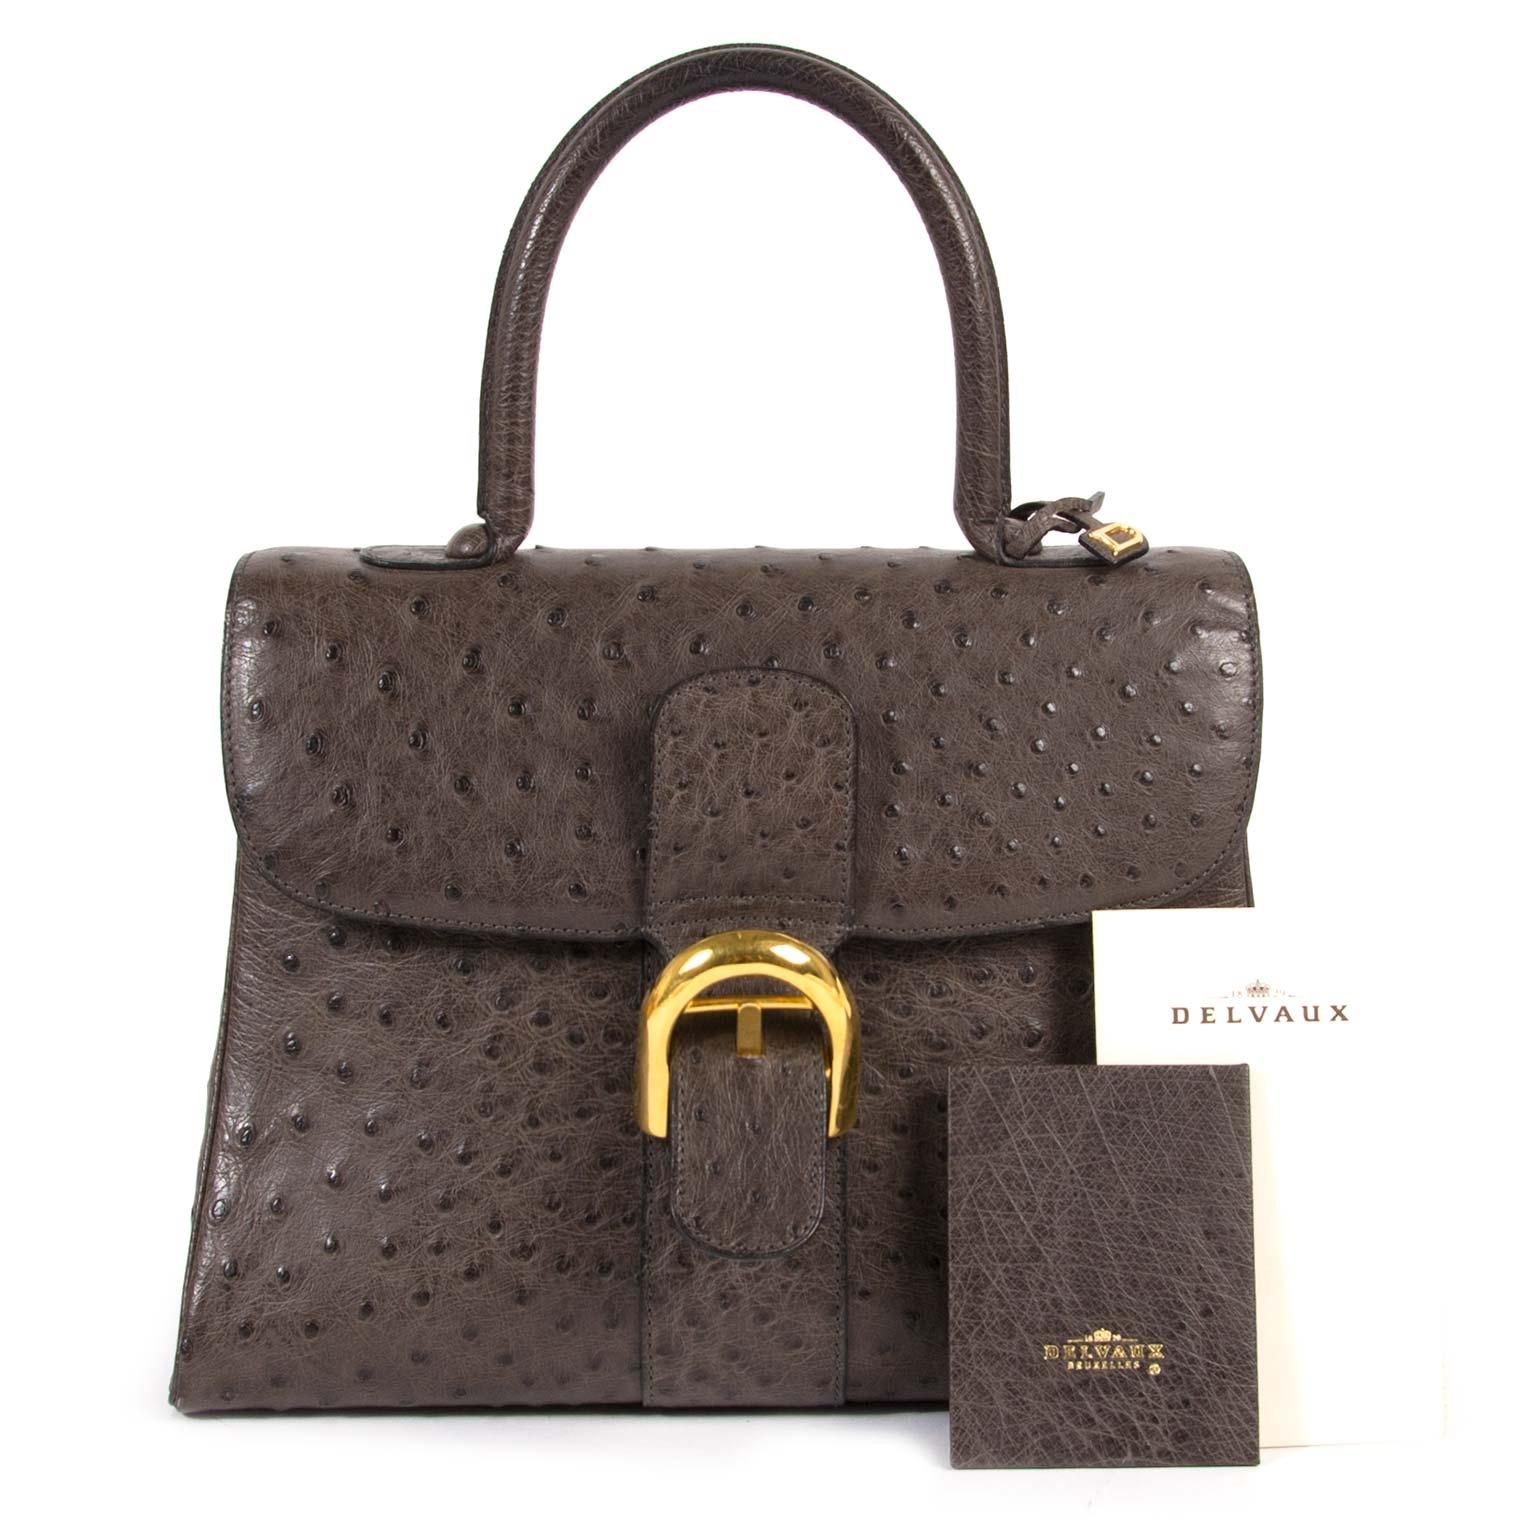 delvaux brillant ostrich MM palissandre bag now for sale at labellov vintage fashion webshop belgium